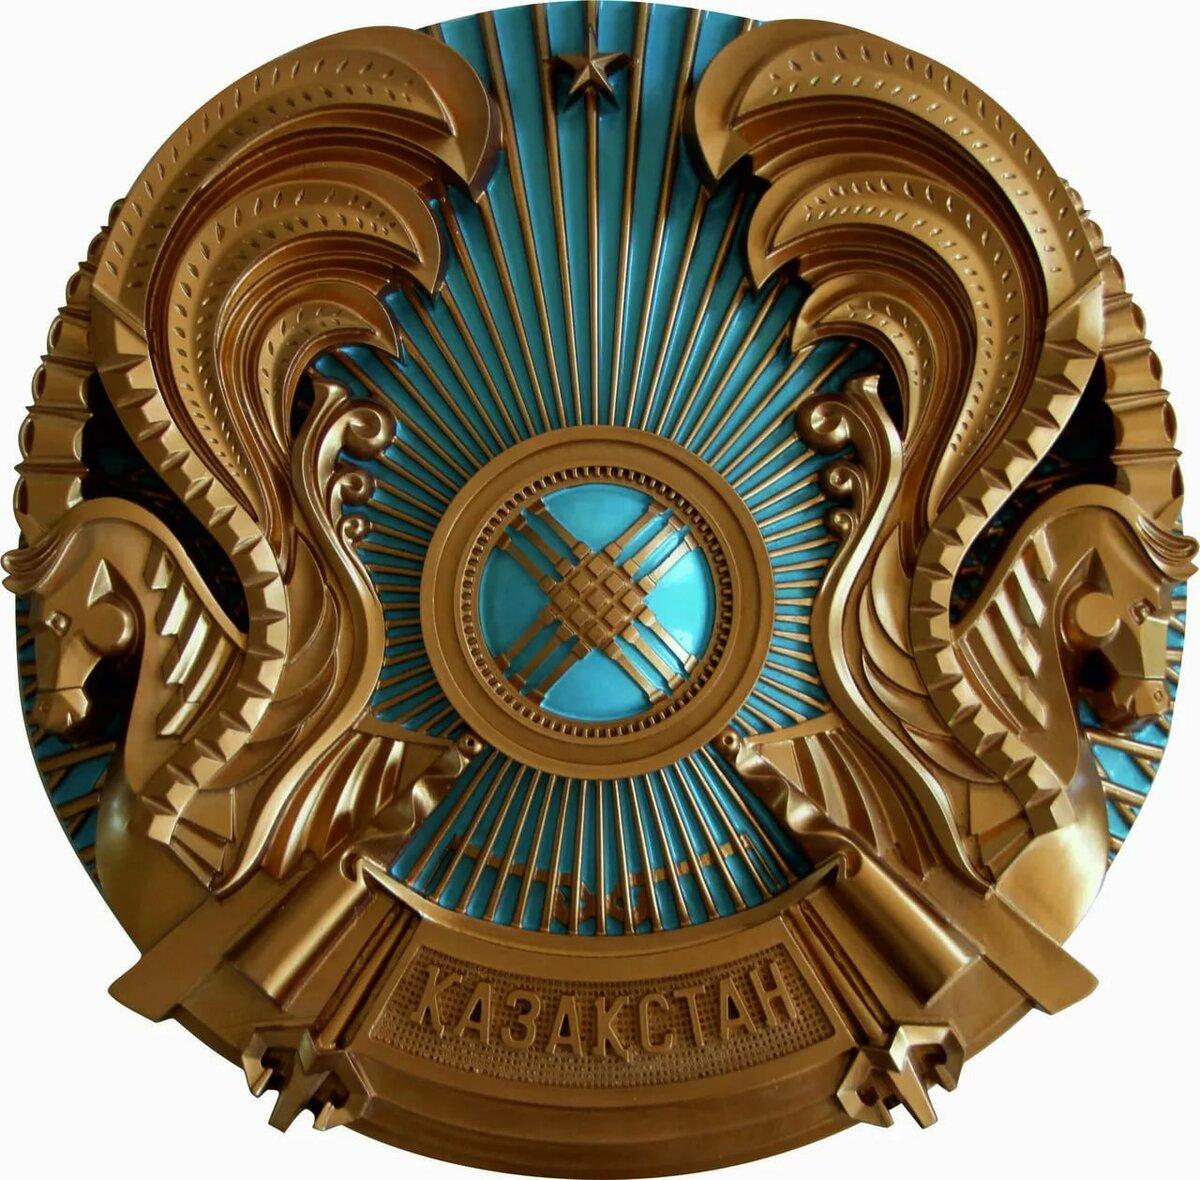 Картинка казахстанский герб